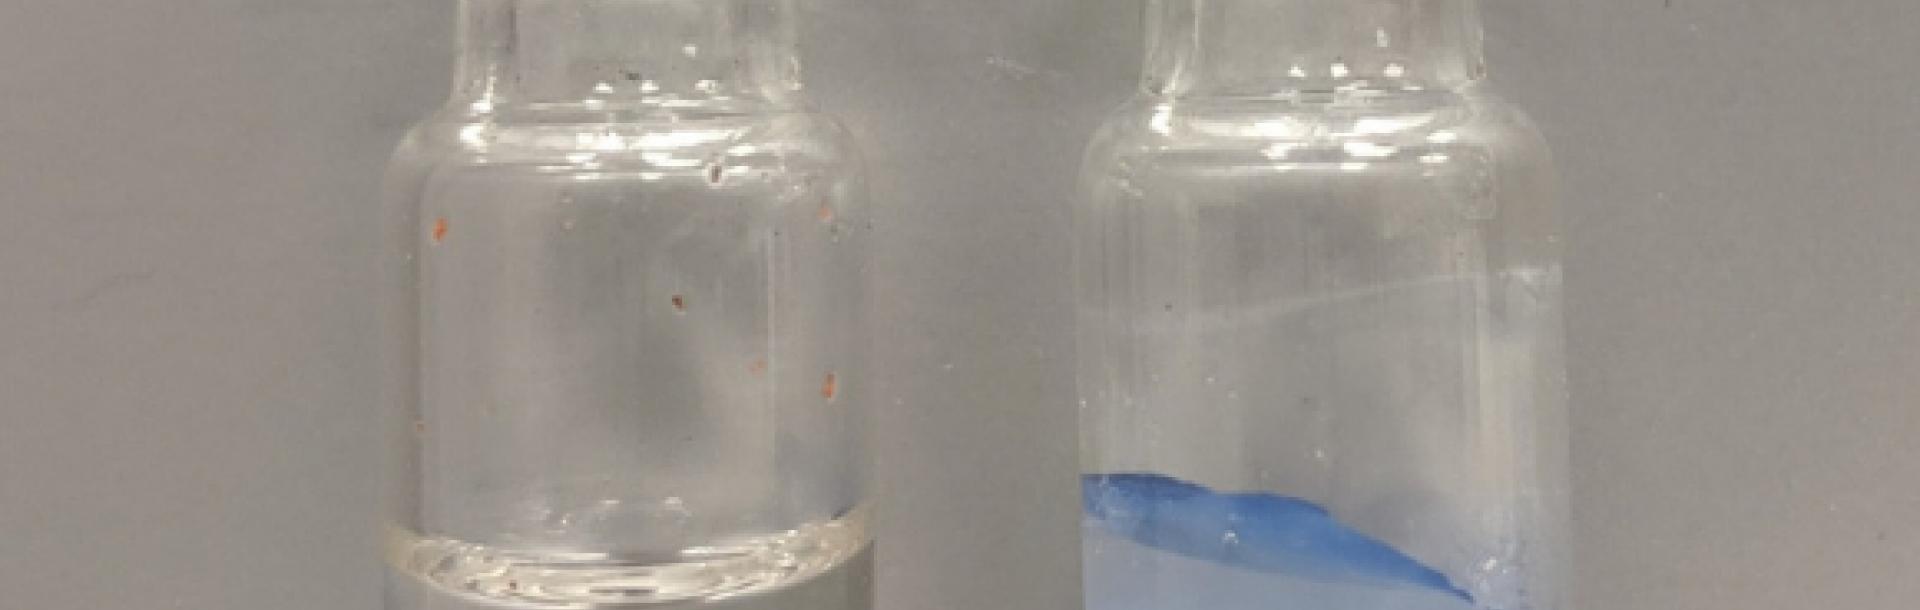 במחקר חדש של הפקולטה למדעי החיים והפקולטה לרפואה באוניברסיטת תל אביב, פותח הידרוג'ל חדש, בעל שימושים פונקציונליים רבים כמו: הגנה מפני חלודה, סיוע באבטחת מזון ואפילו פוטנציאל בעתיד ליצירת דלק נקי ושמירה על הסביבה